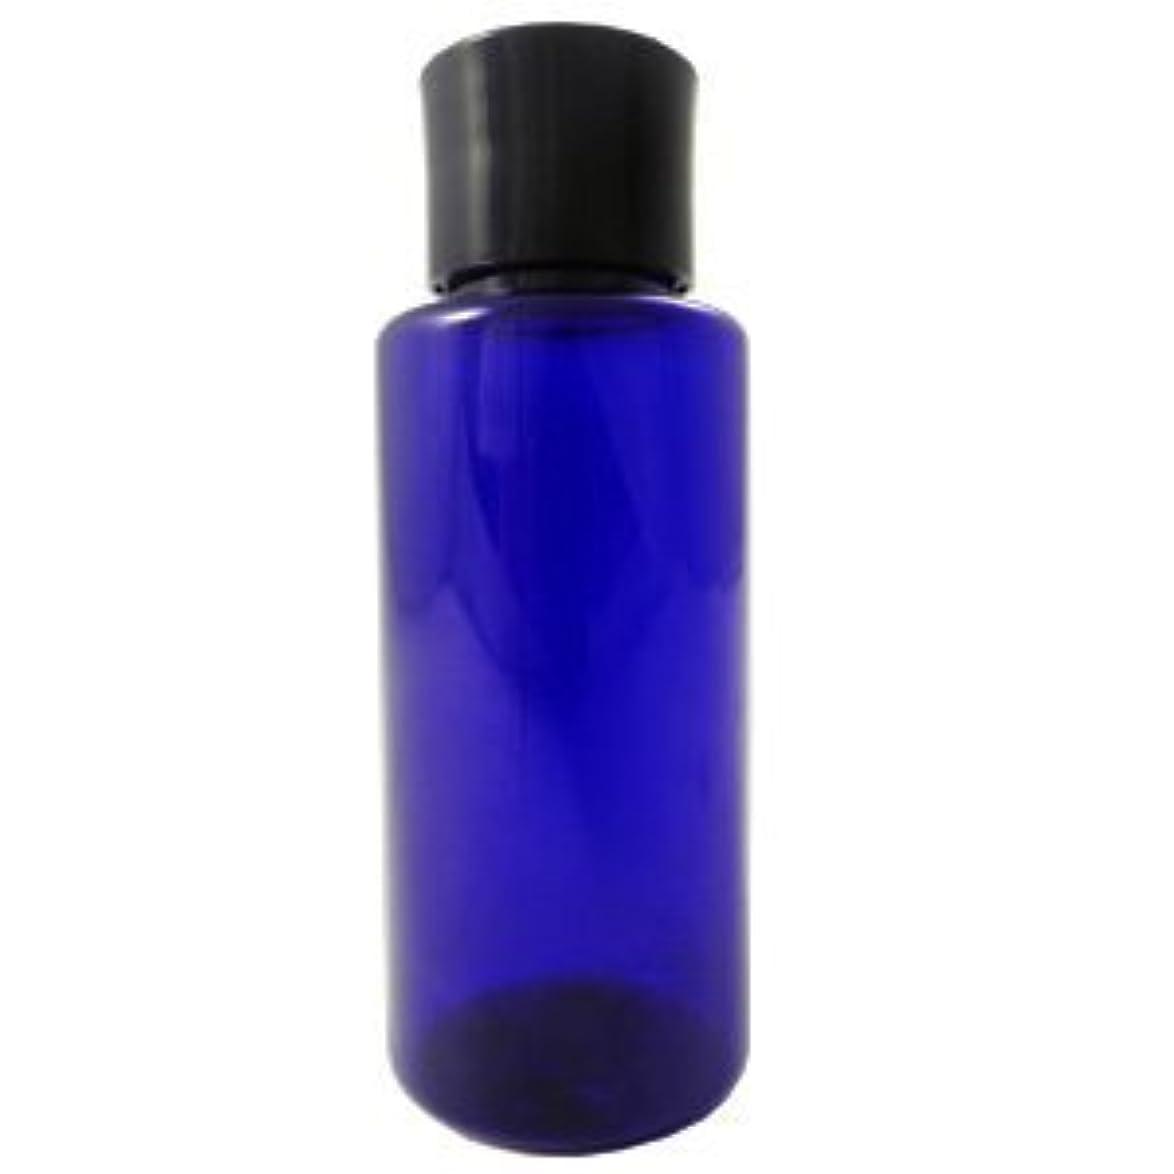 歴史家ペック初心者PETボトル コバルトブルー (青) 50ml *化粧水用中栓